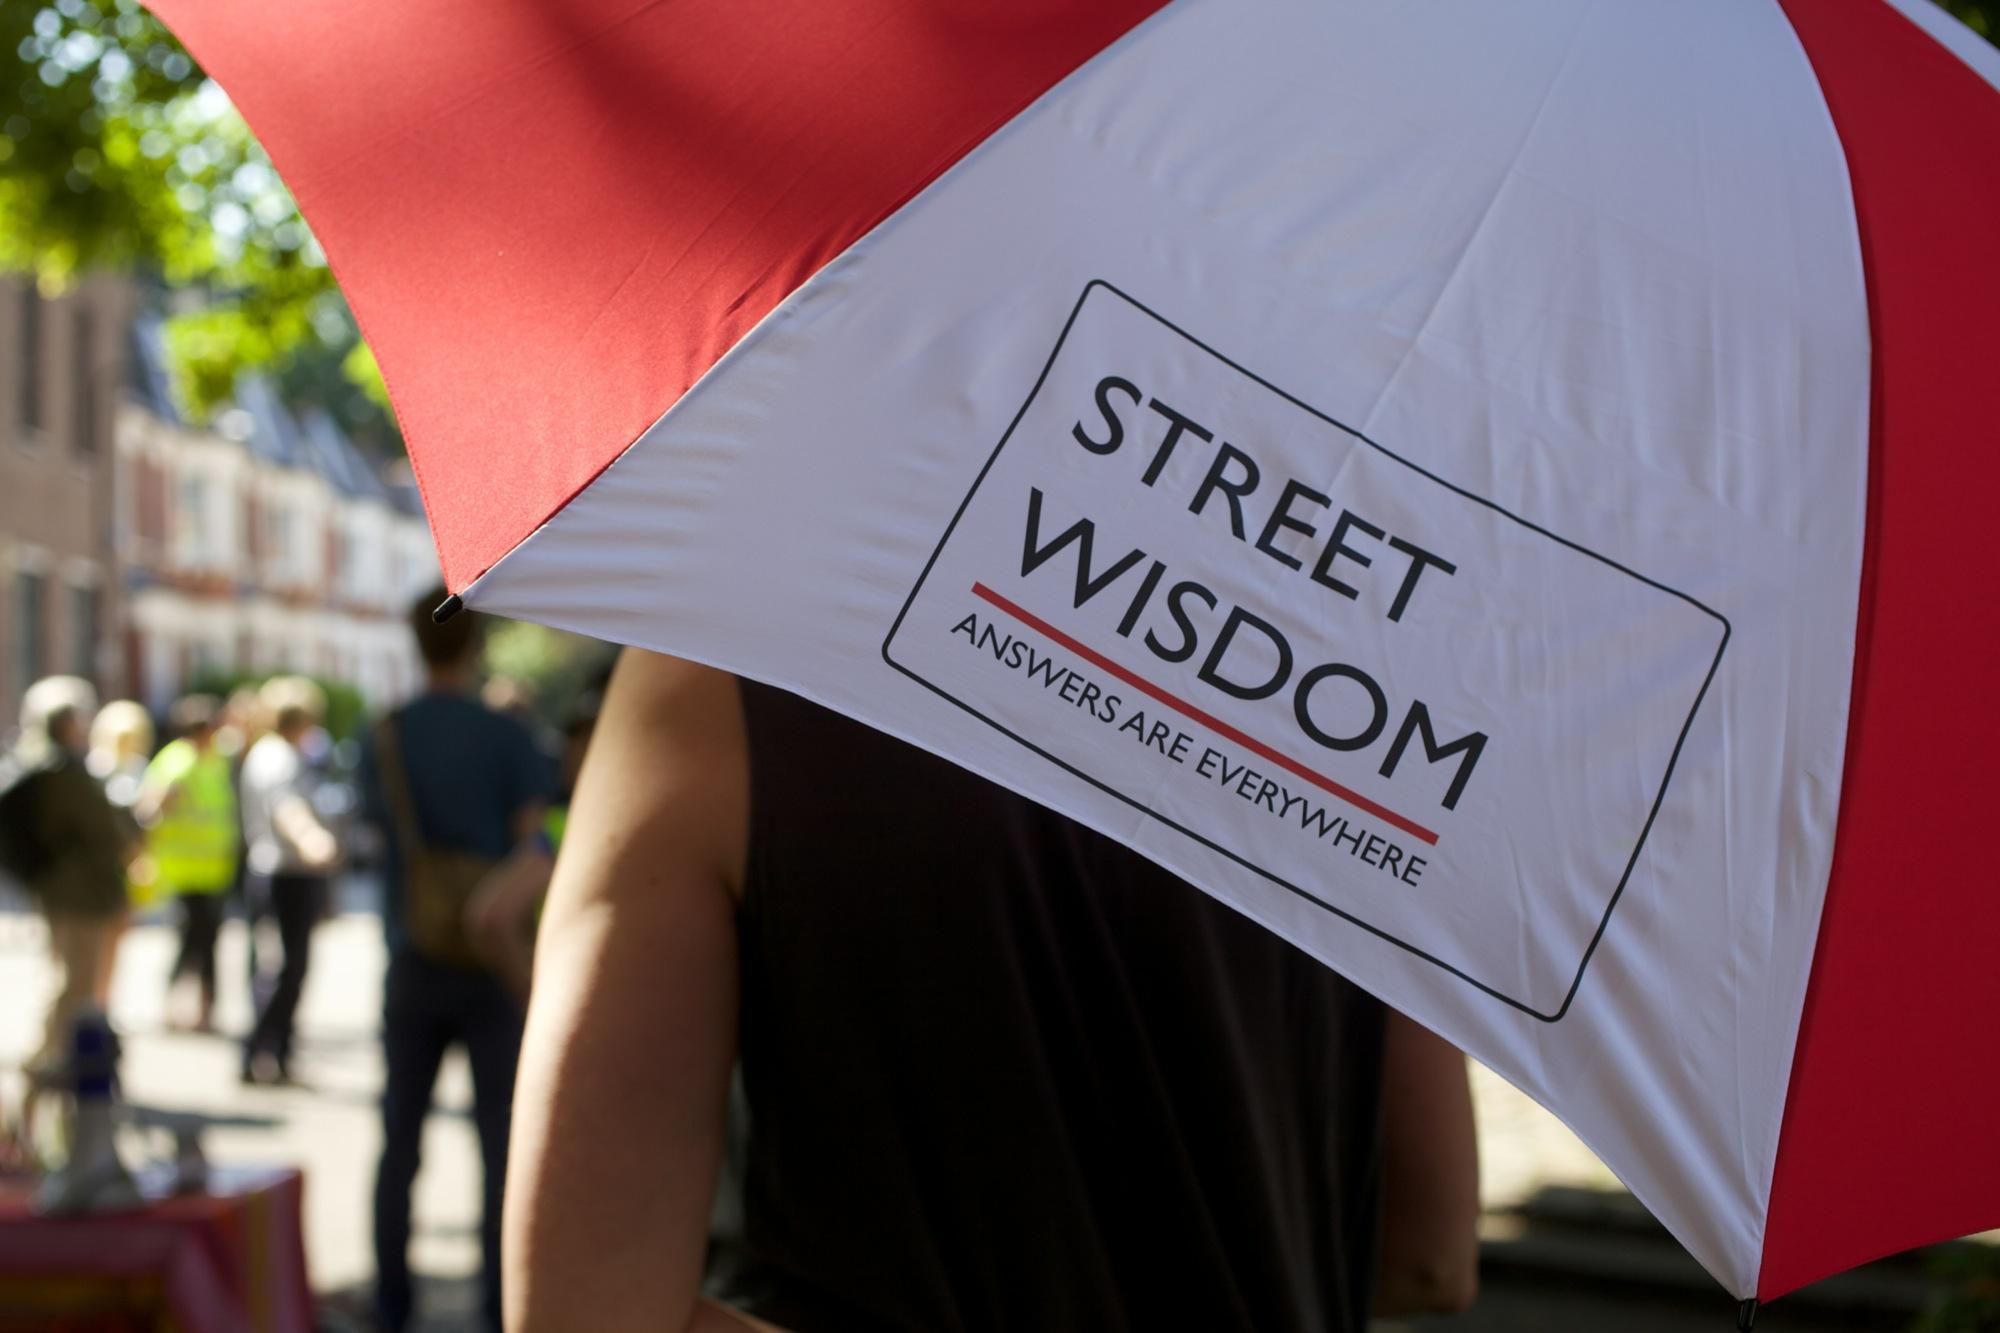 Street Wisdom Wander